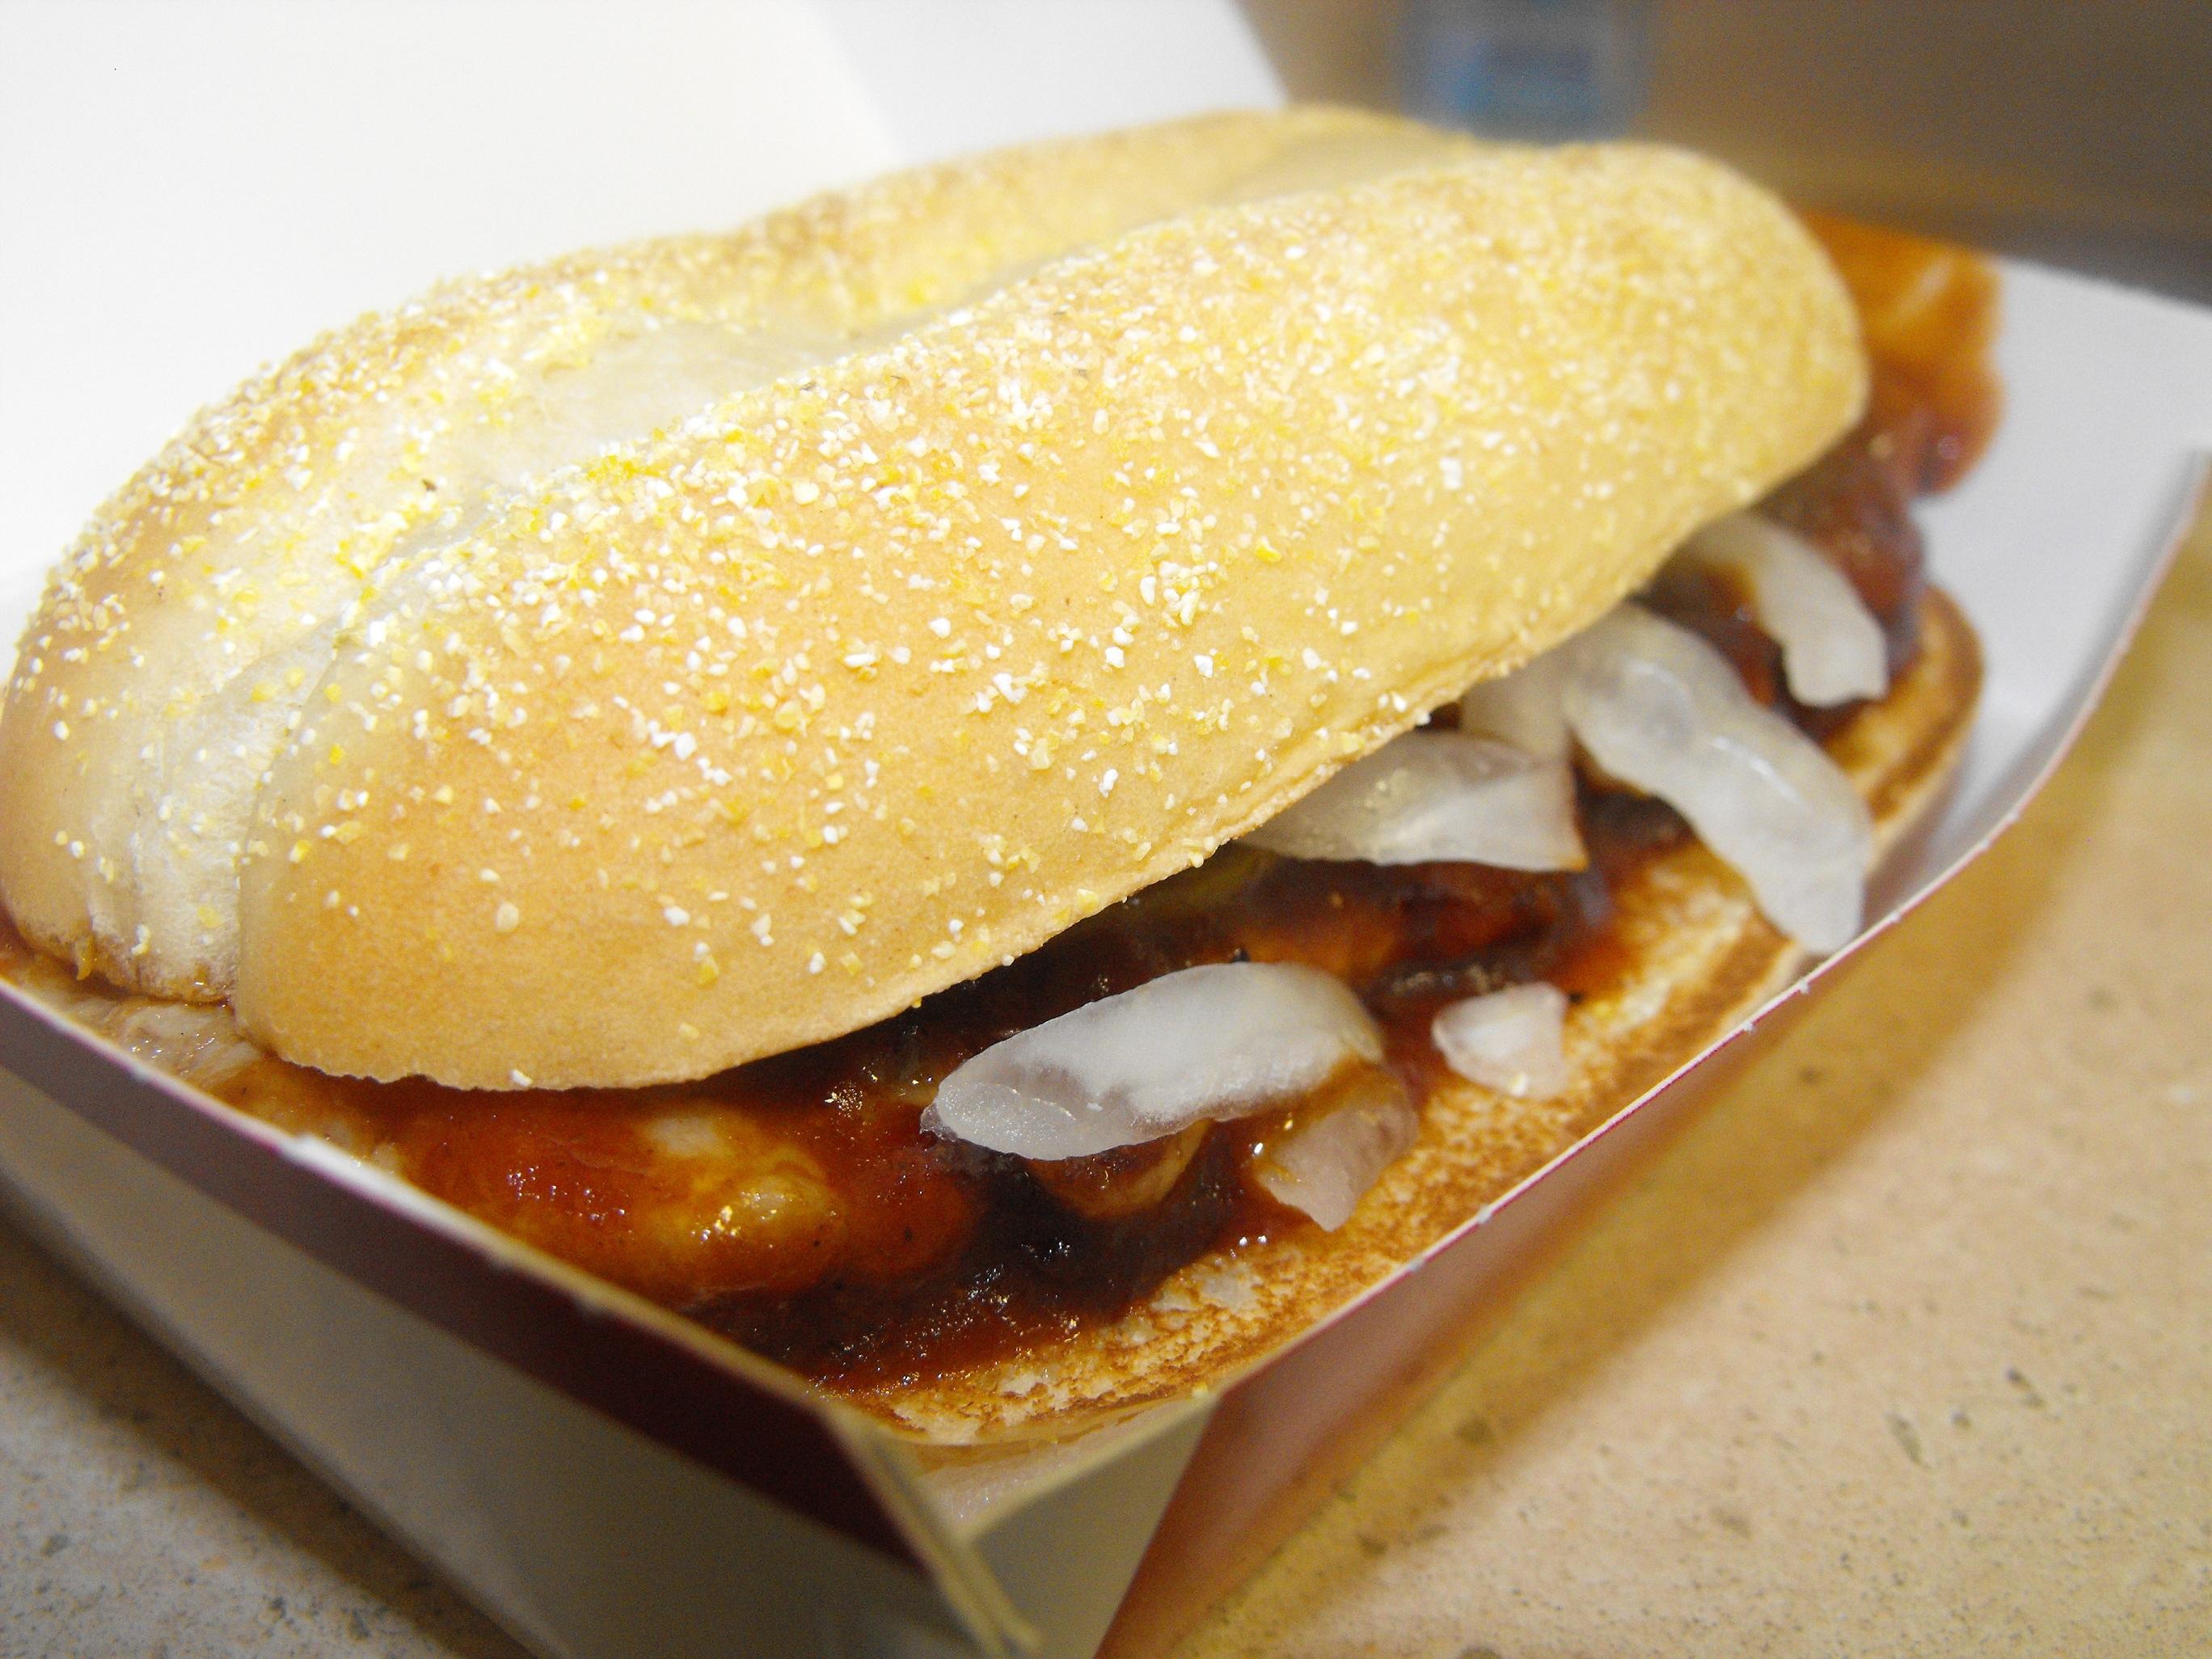 http://foodloader.net/cutie_2011-06-27_McDonalds_BBQ_Ribs_Sandwich.jpg